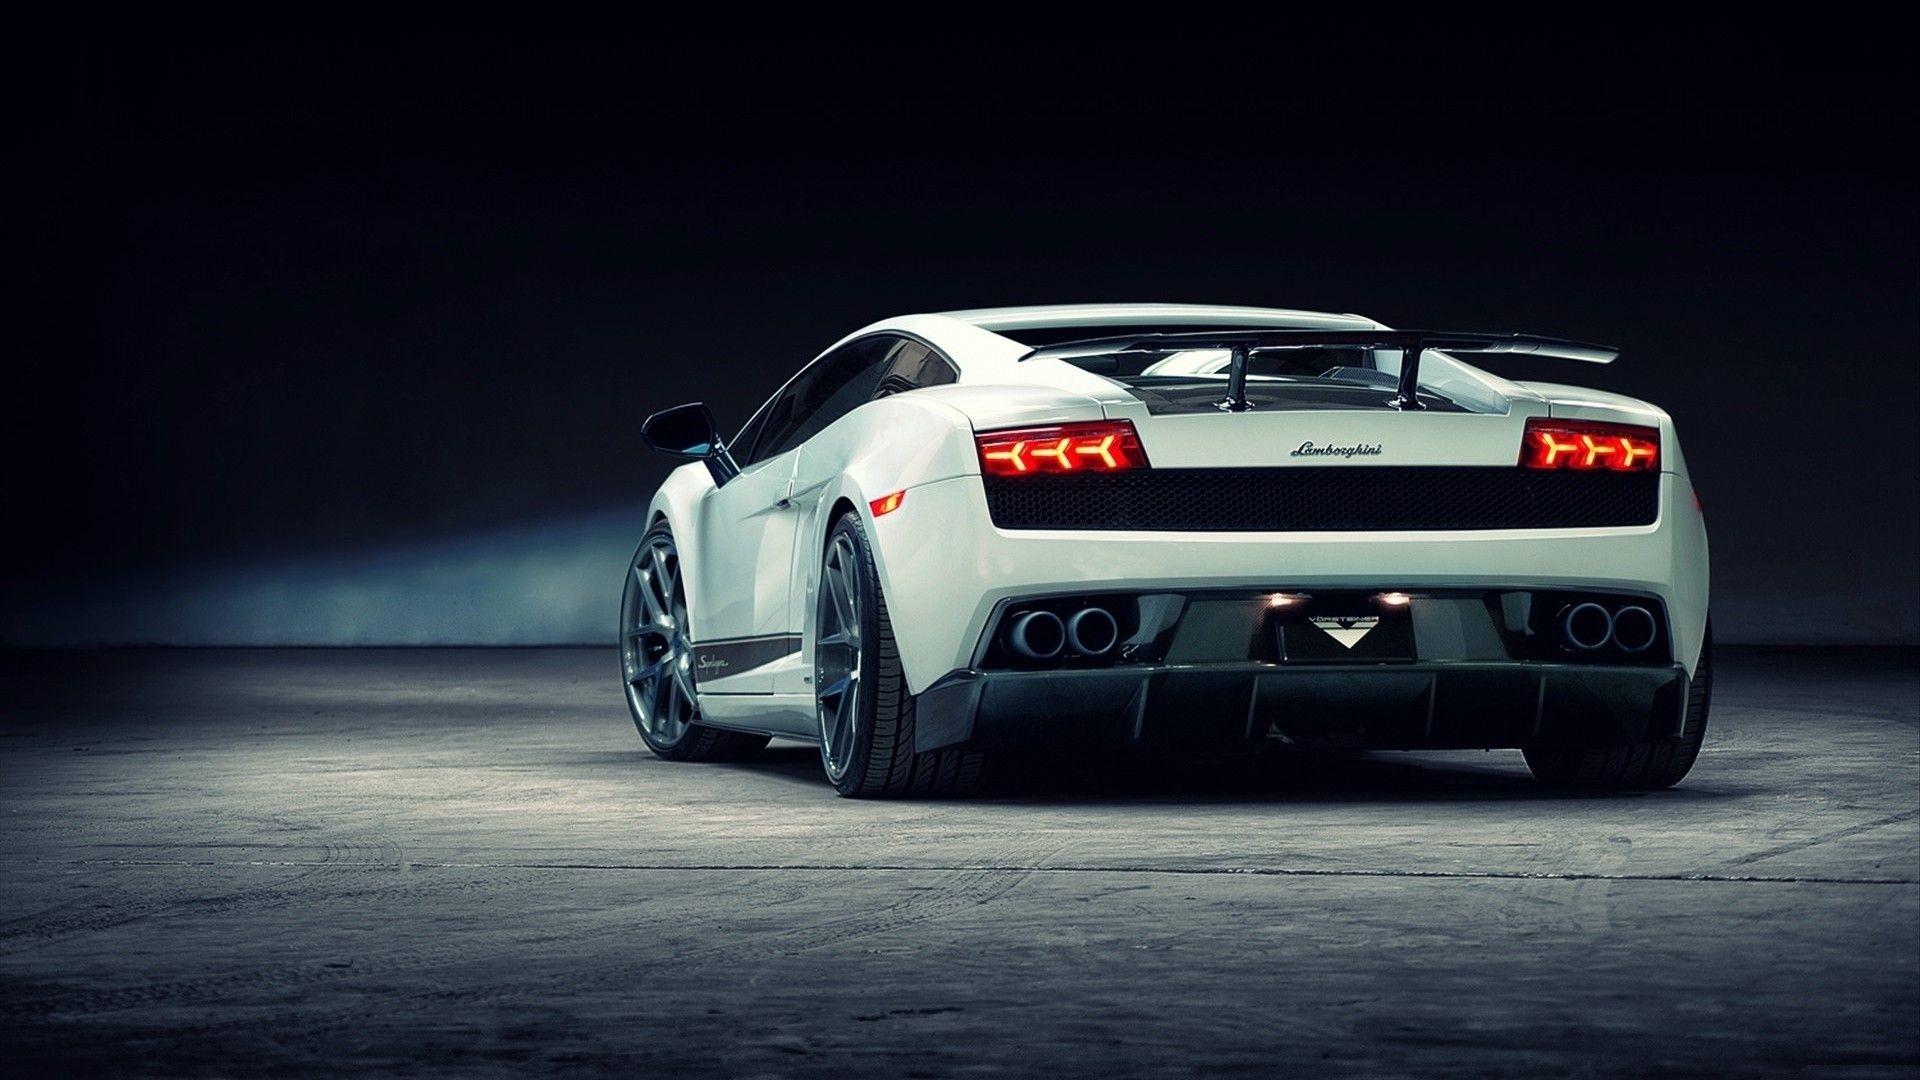 Lamborghini Wallpapers – Wallpaper Cave